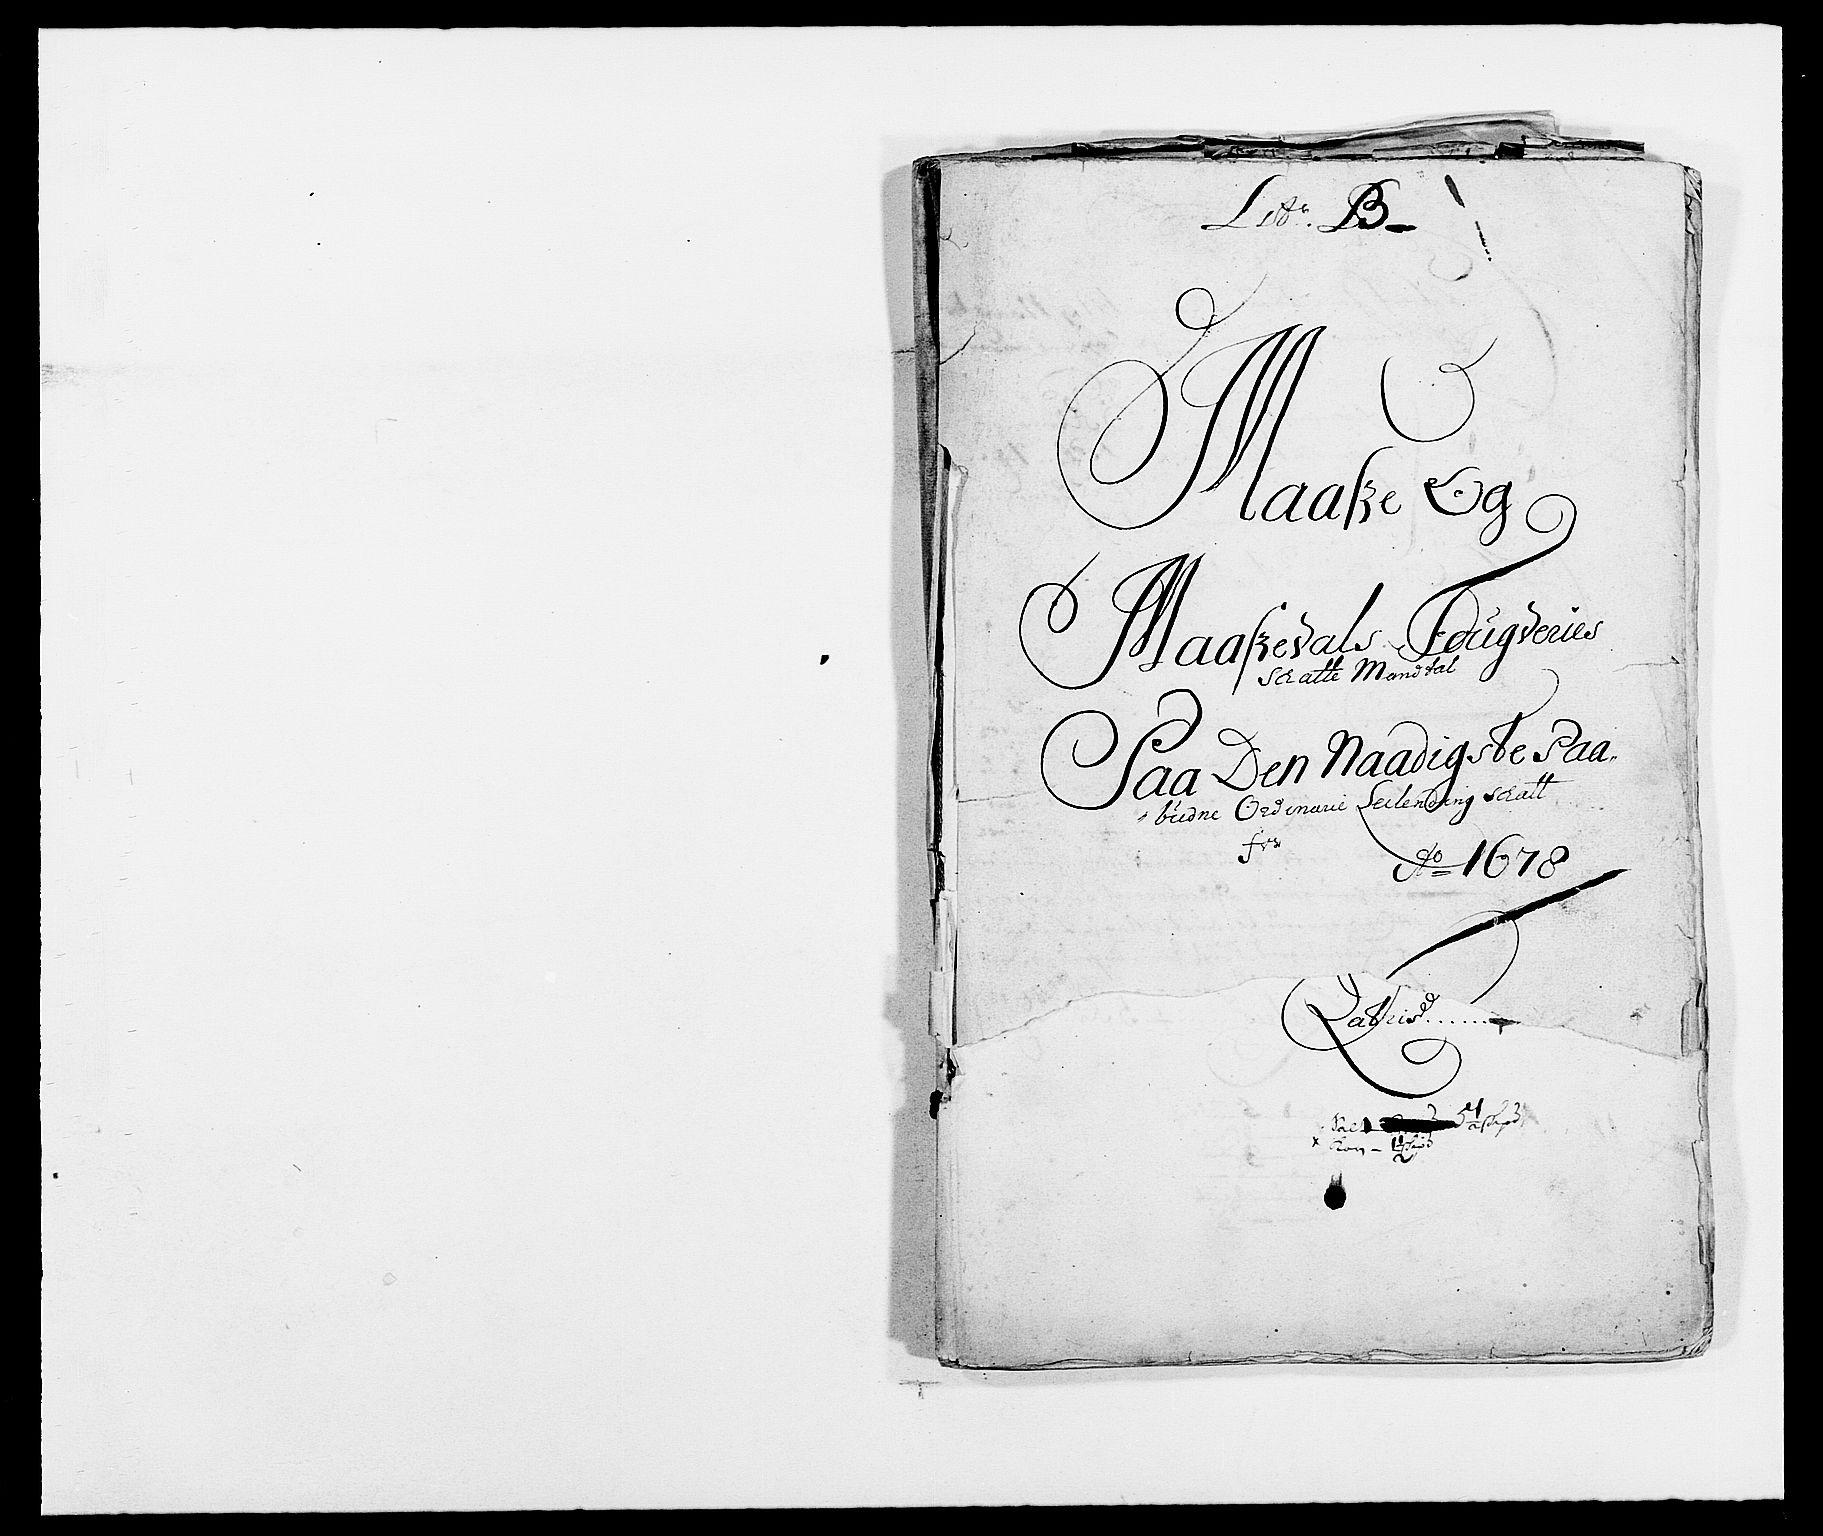 RA, Rentekammeret inntil 1814, Reviderte regnskaper, Fogderegnskap, R02/L0099: Fogderegnskap Moss og Verne kloster, 1678, s. 11